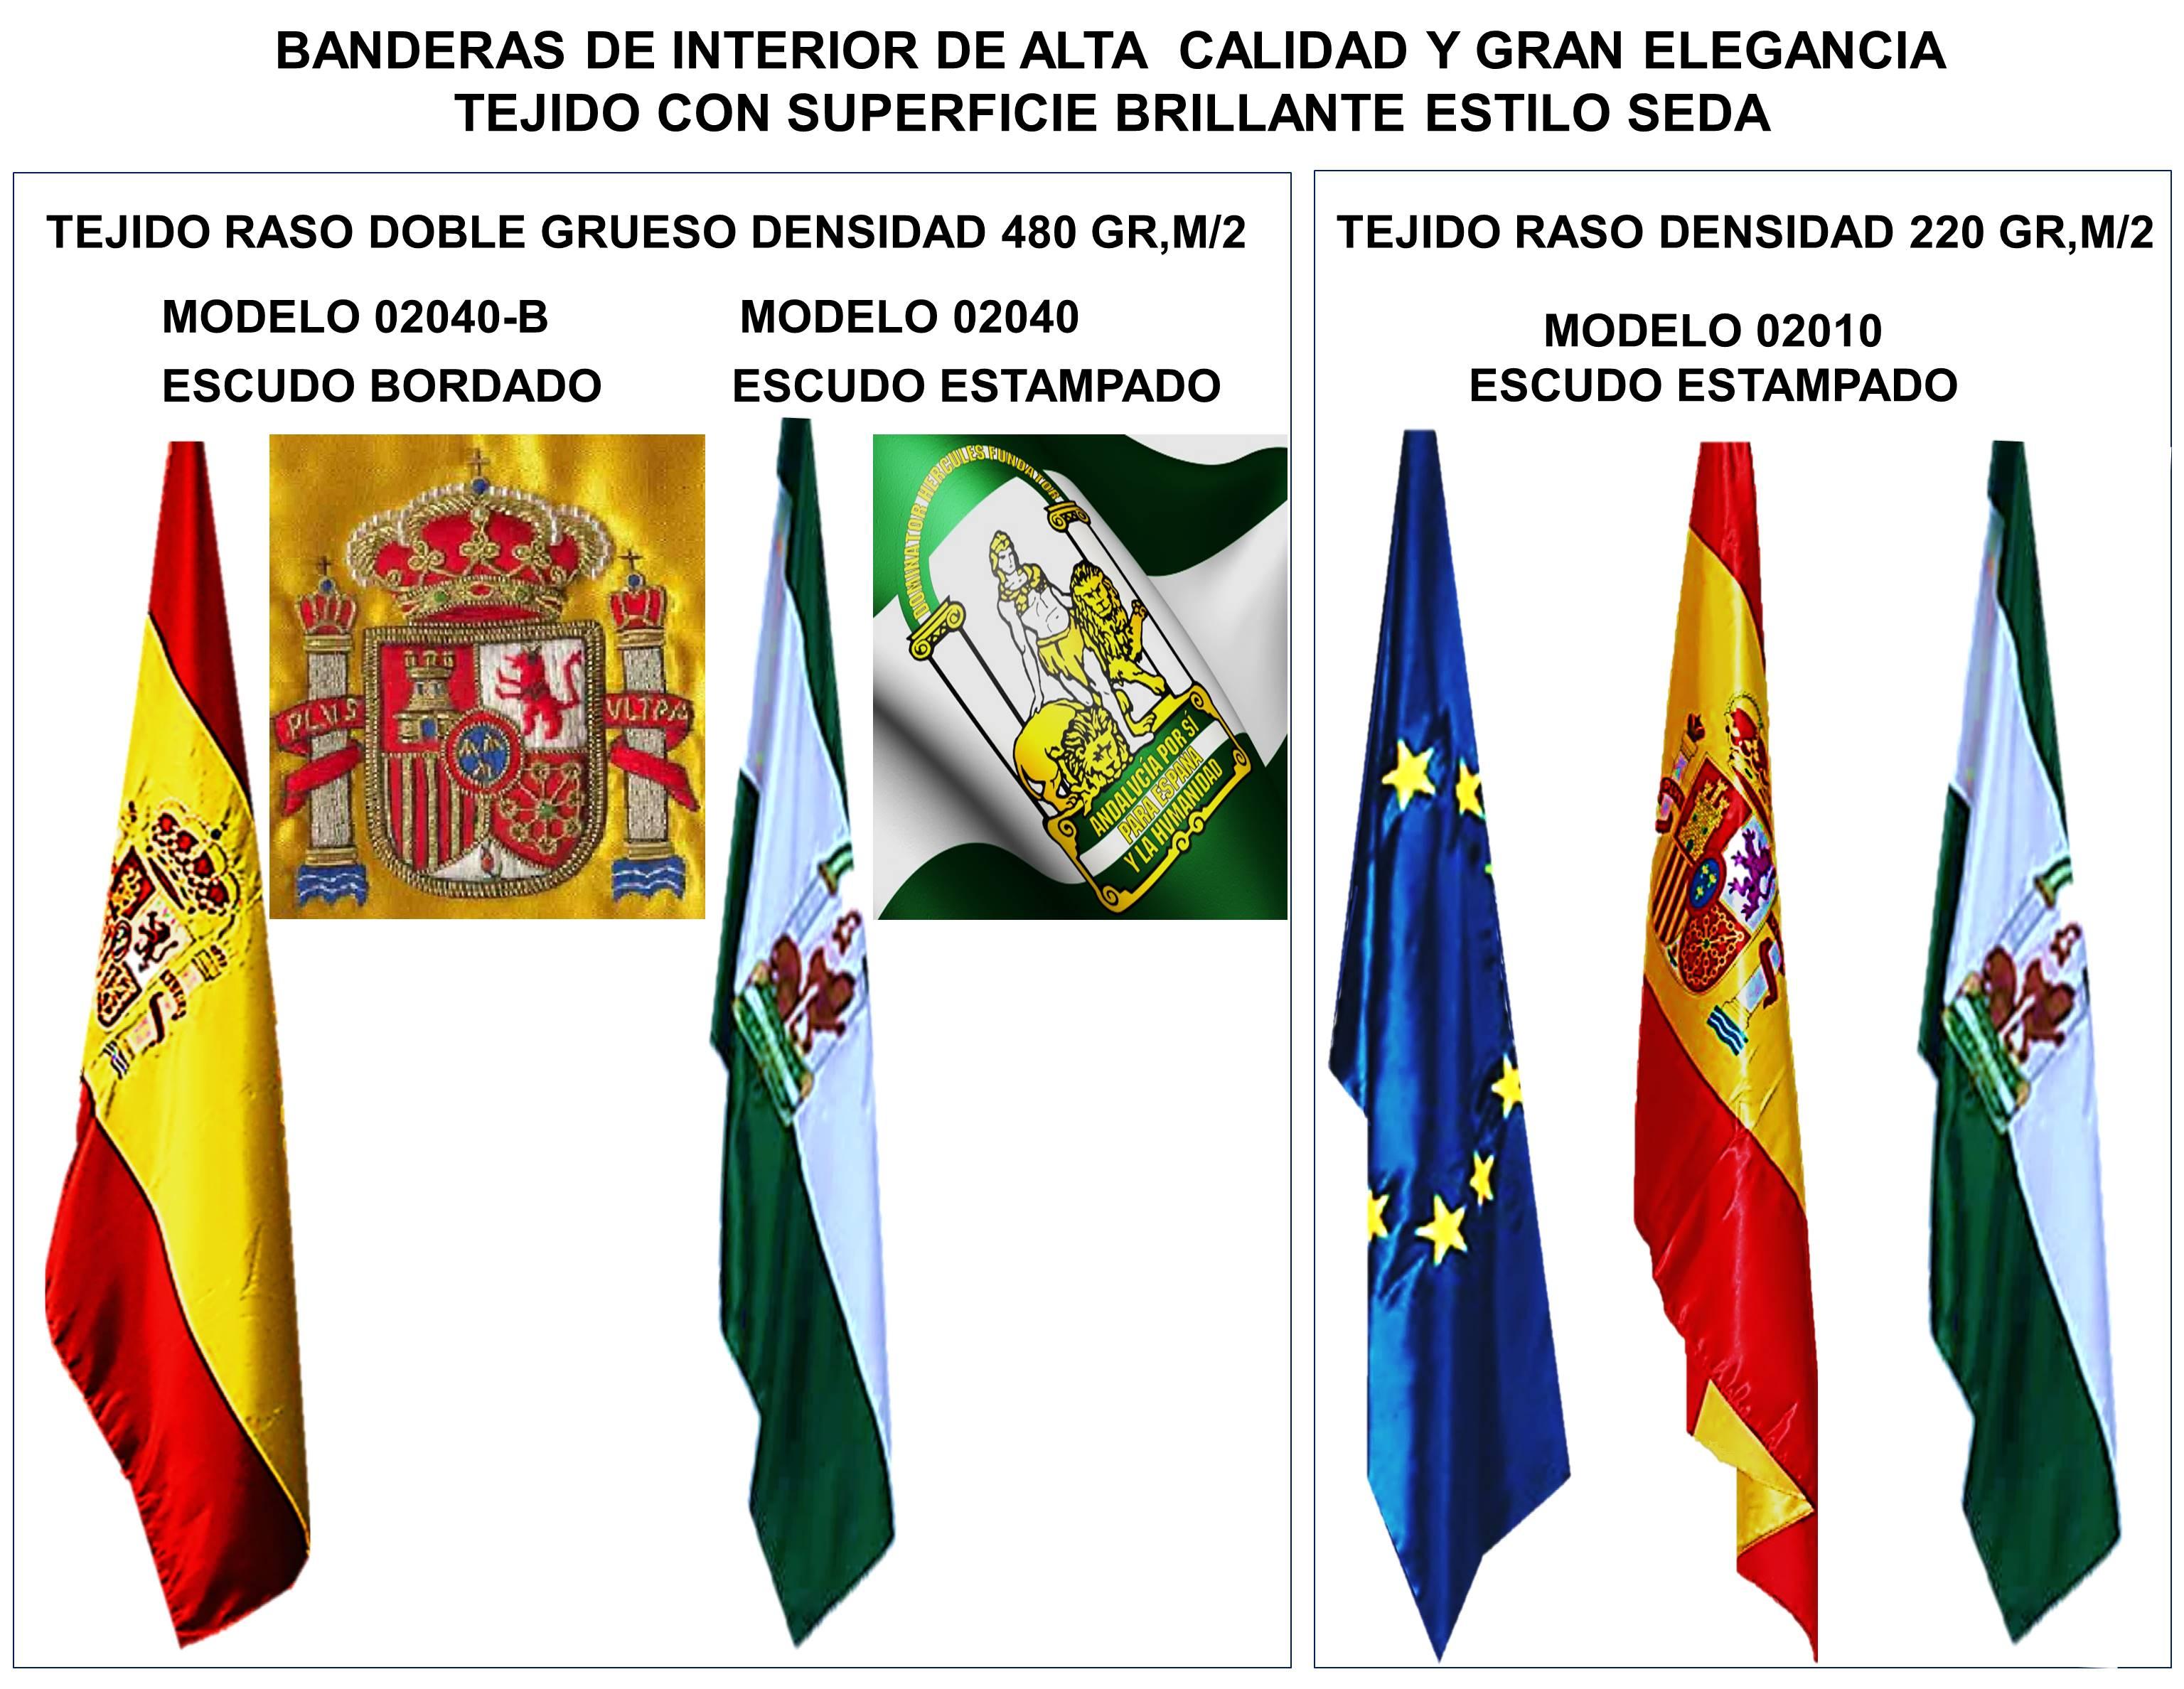 Comprar Banderas para interior oficinas despachos fabricacion y venta de todos los paises del mundo comunidad autonomía localidad personalizadas